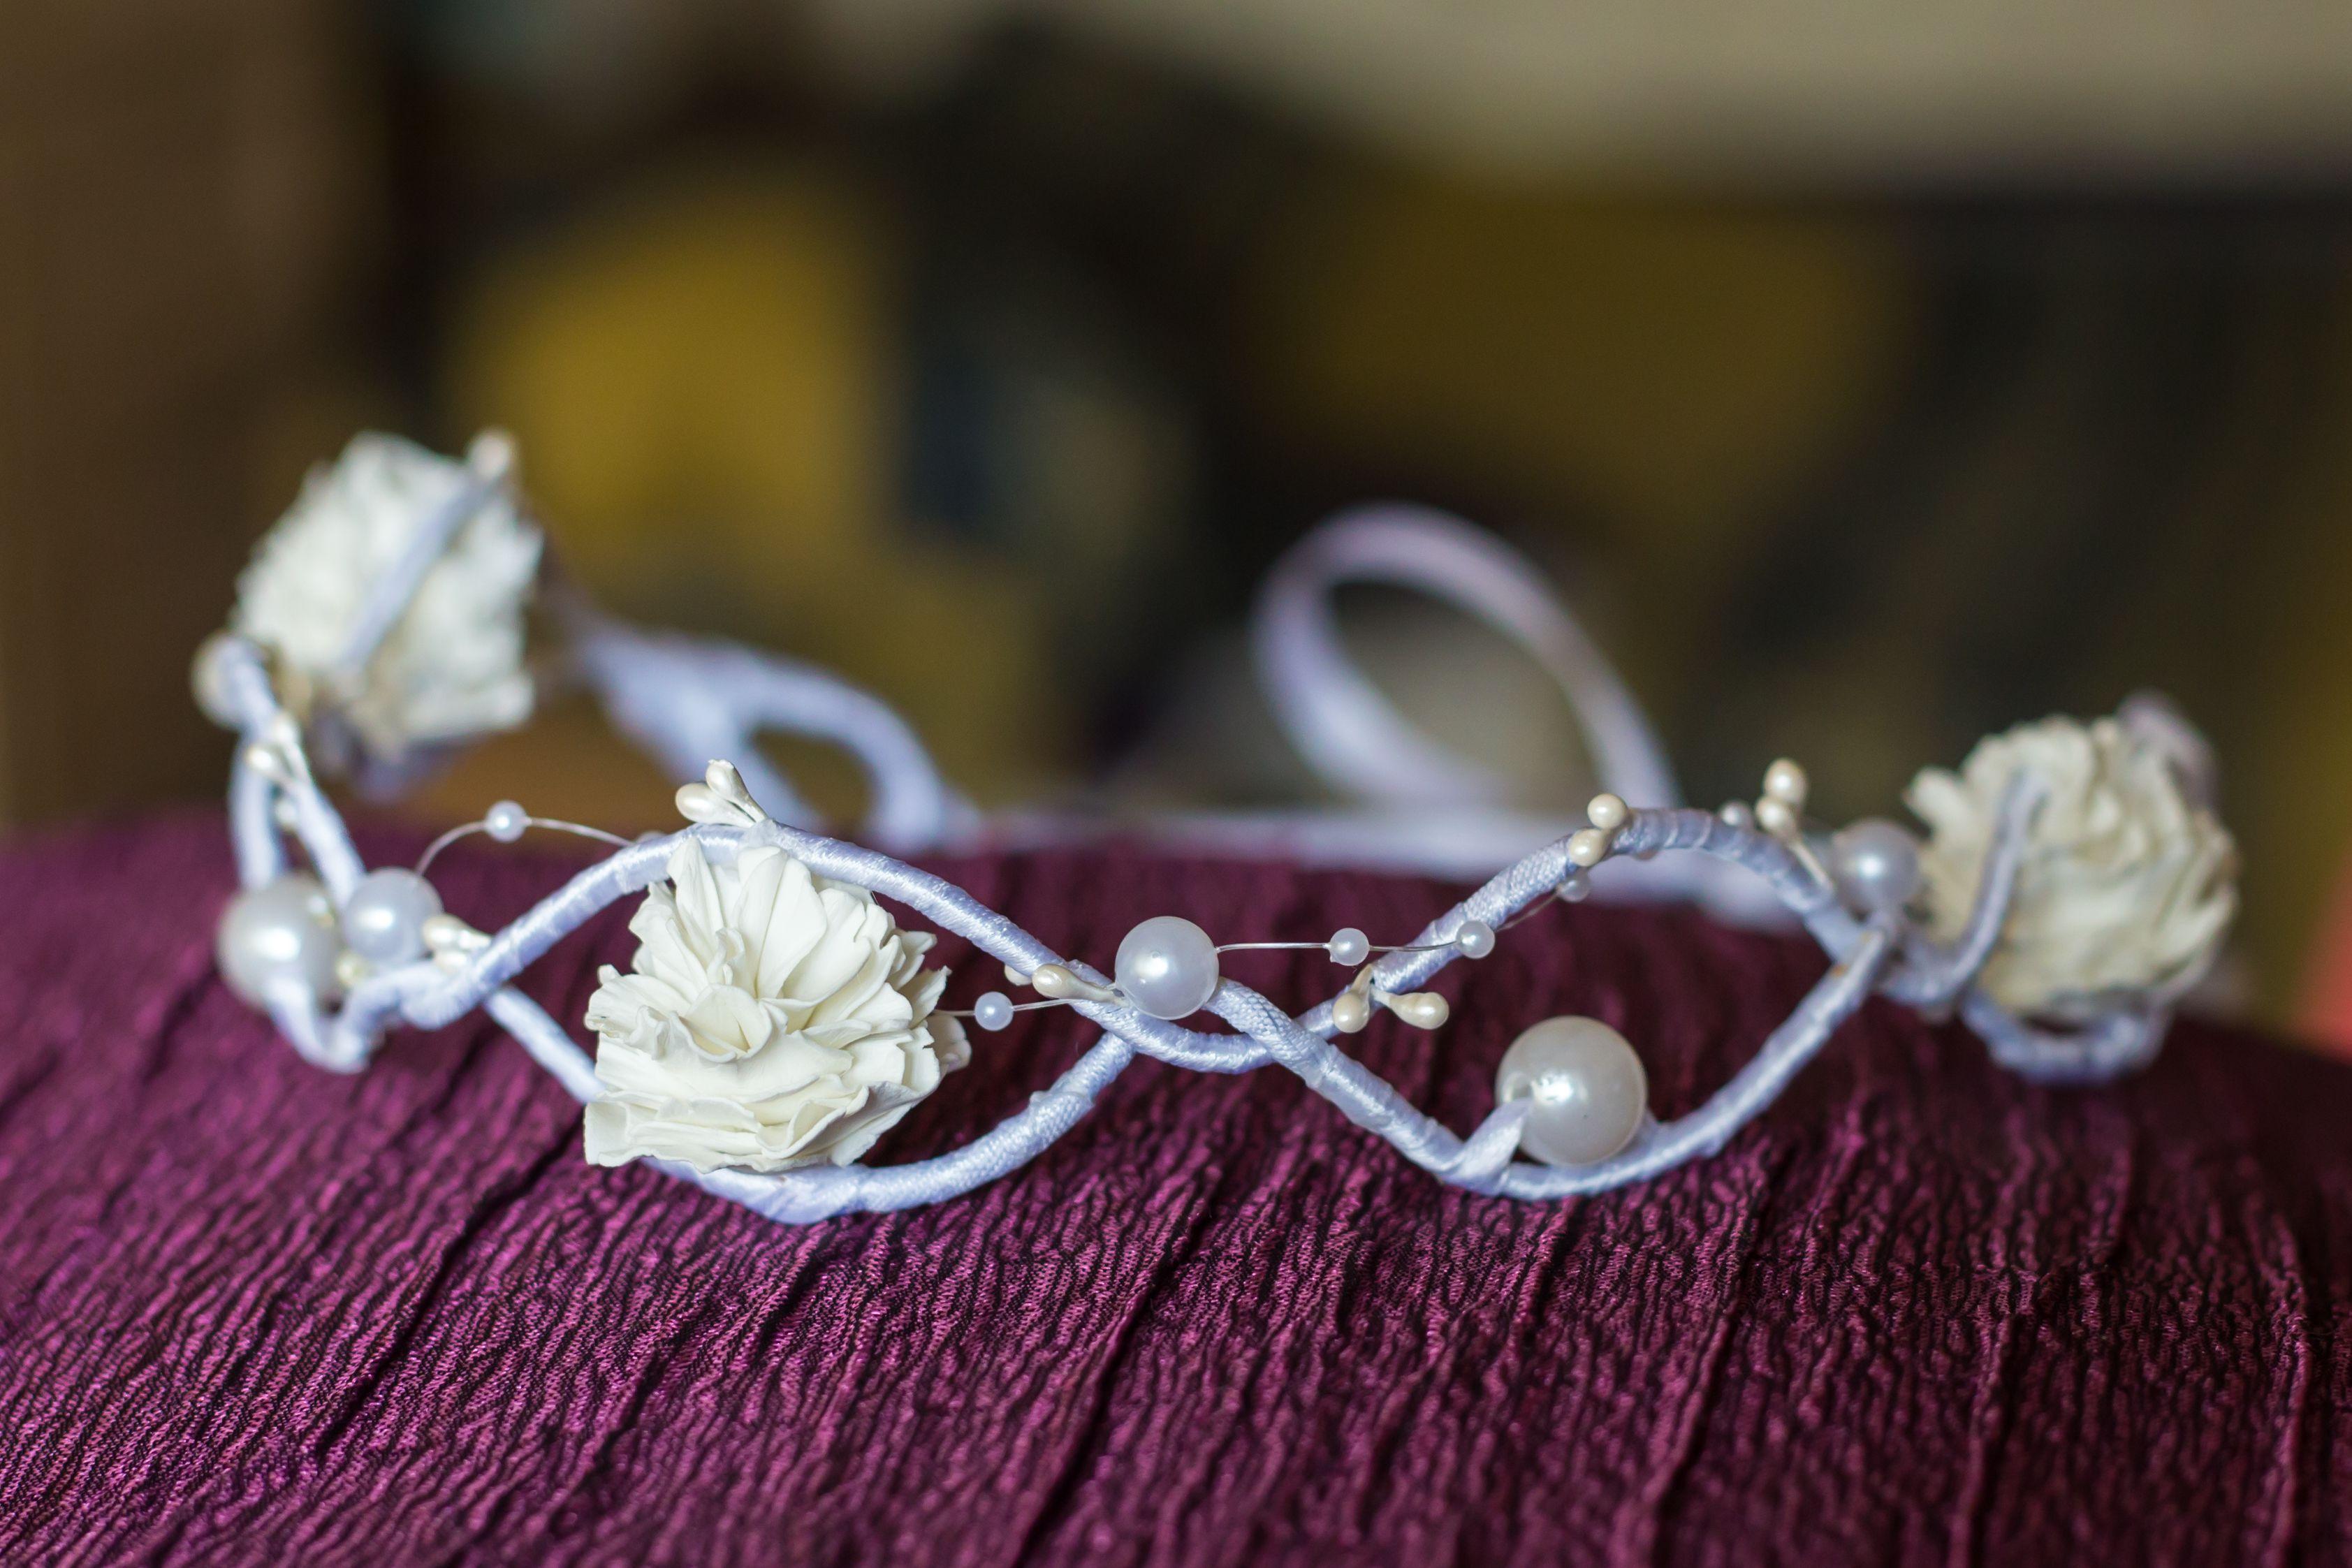 фоамиран нежный белый свадебный атлас красивый венок бусины тычинки цветы